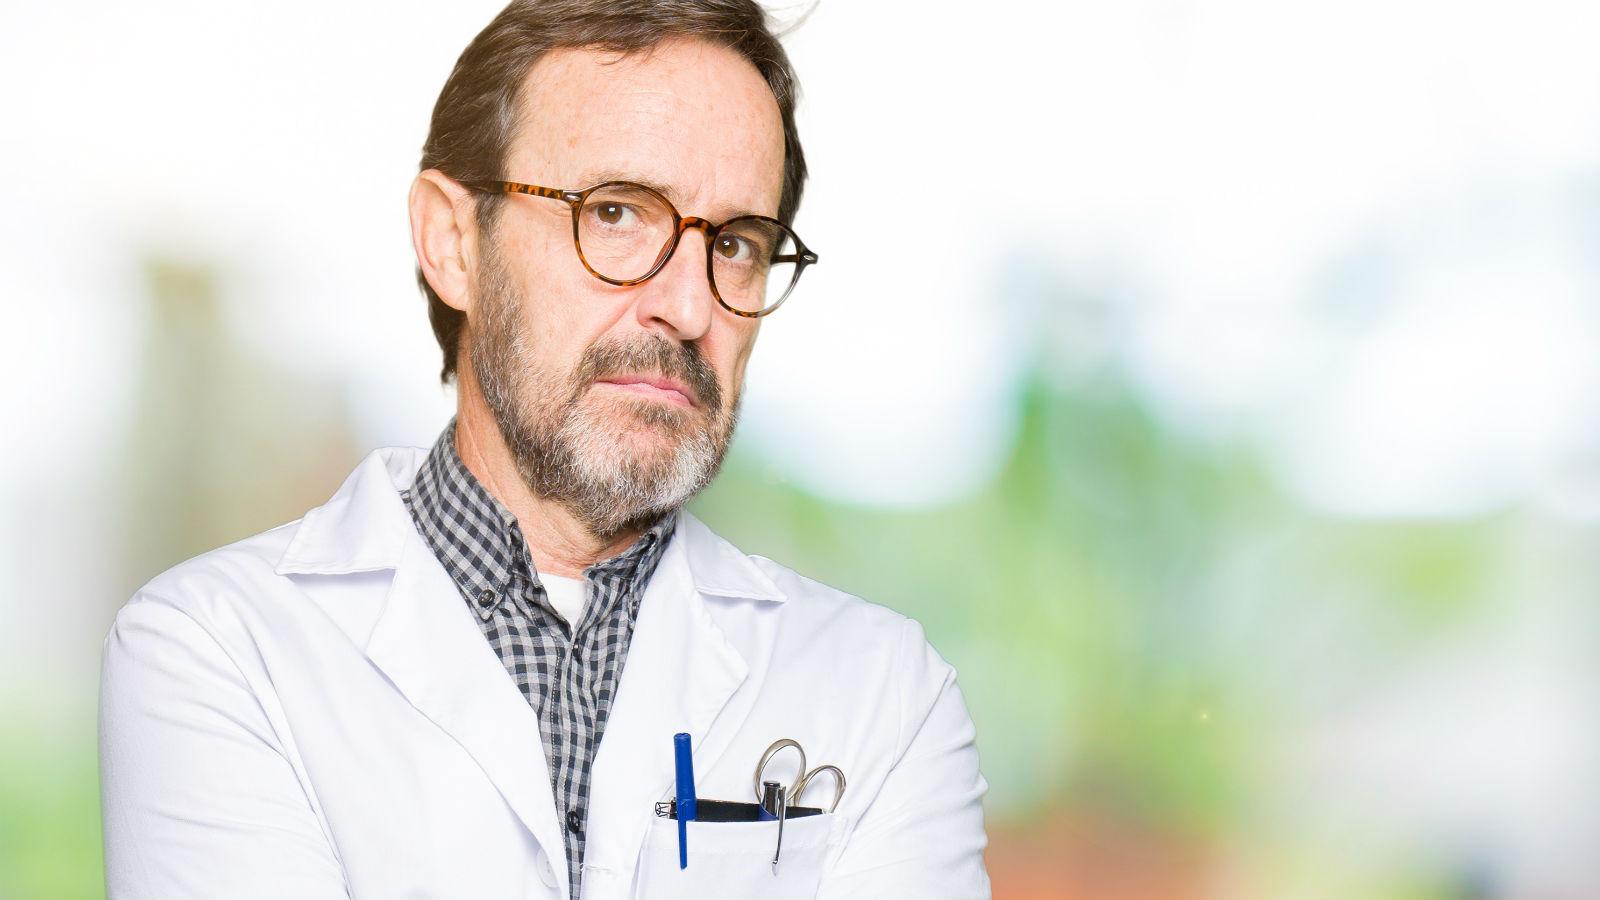 Las señales de cáncer que los hombres pasan por alto